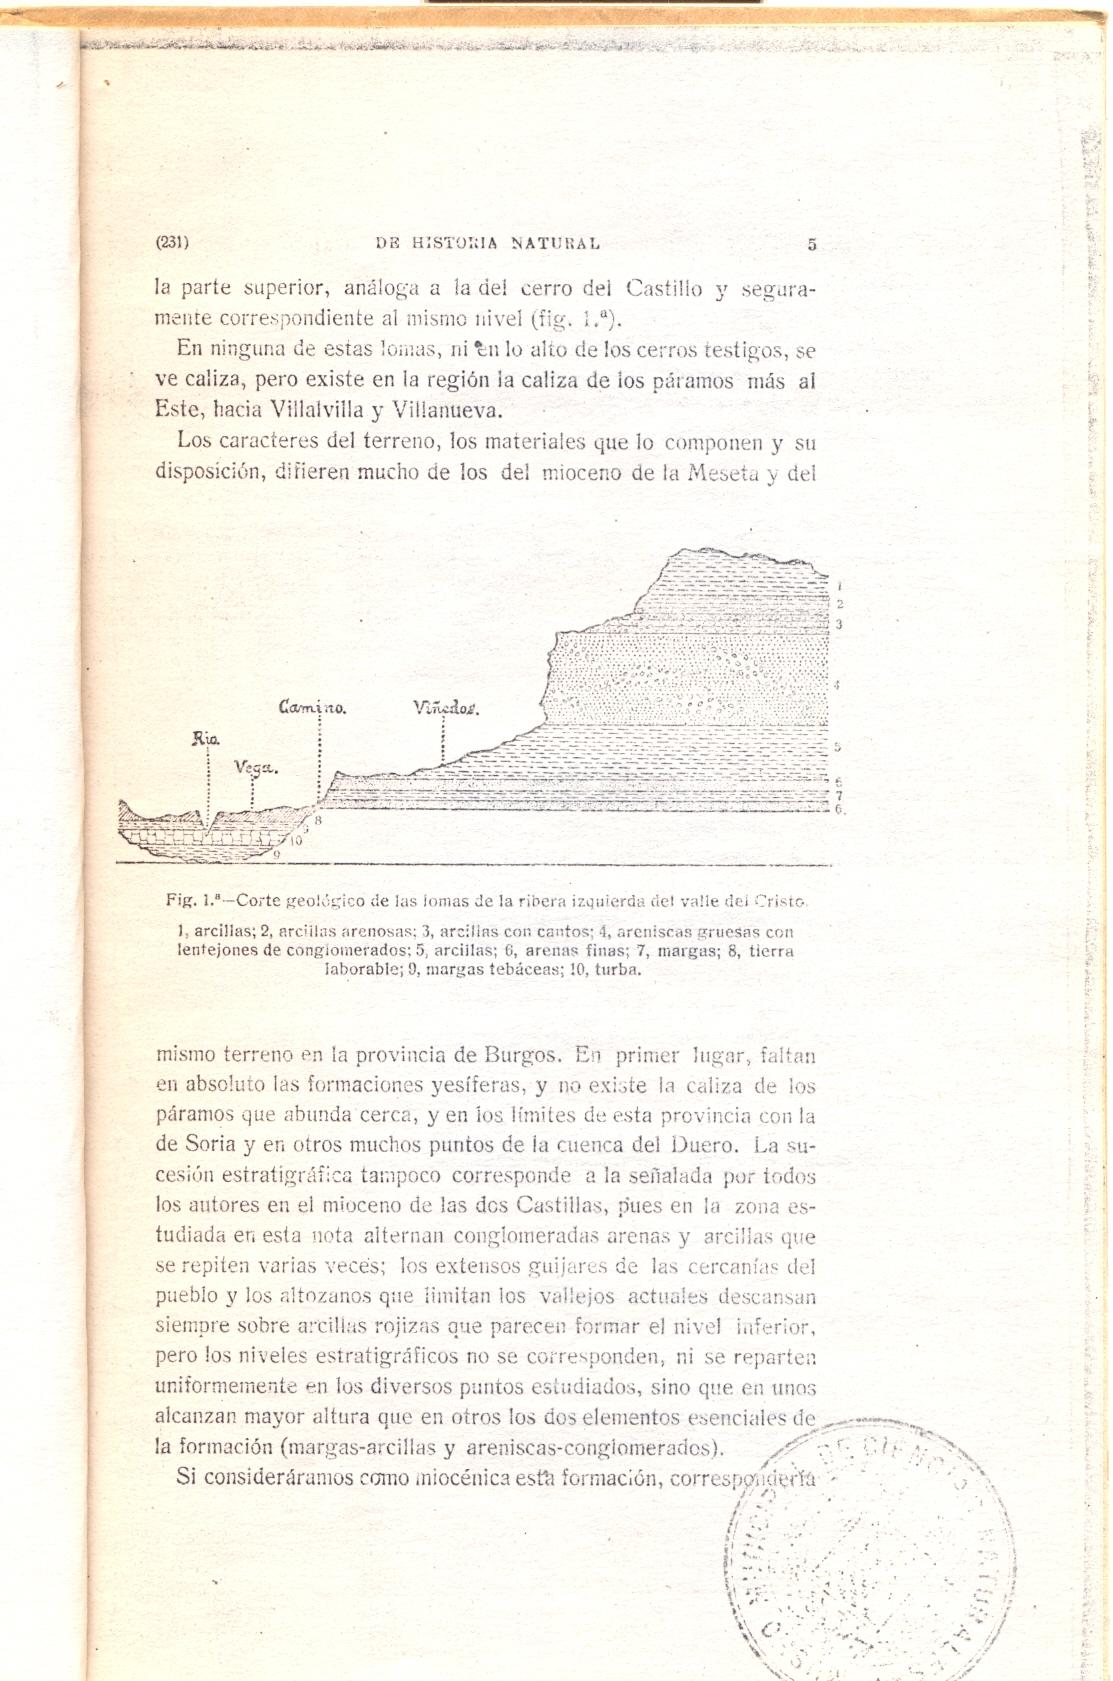 imagen de la página 5